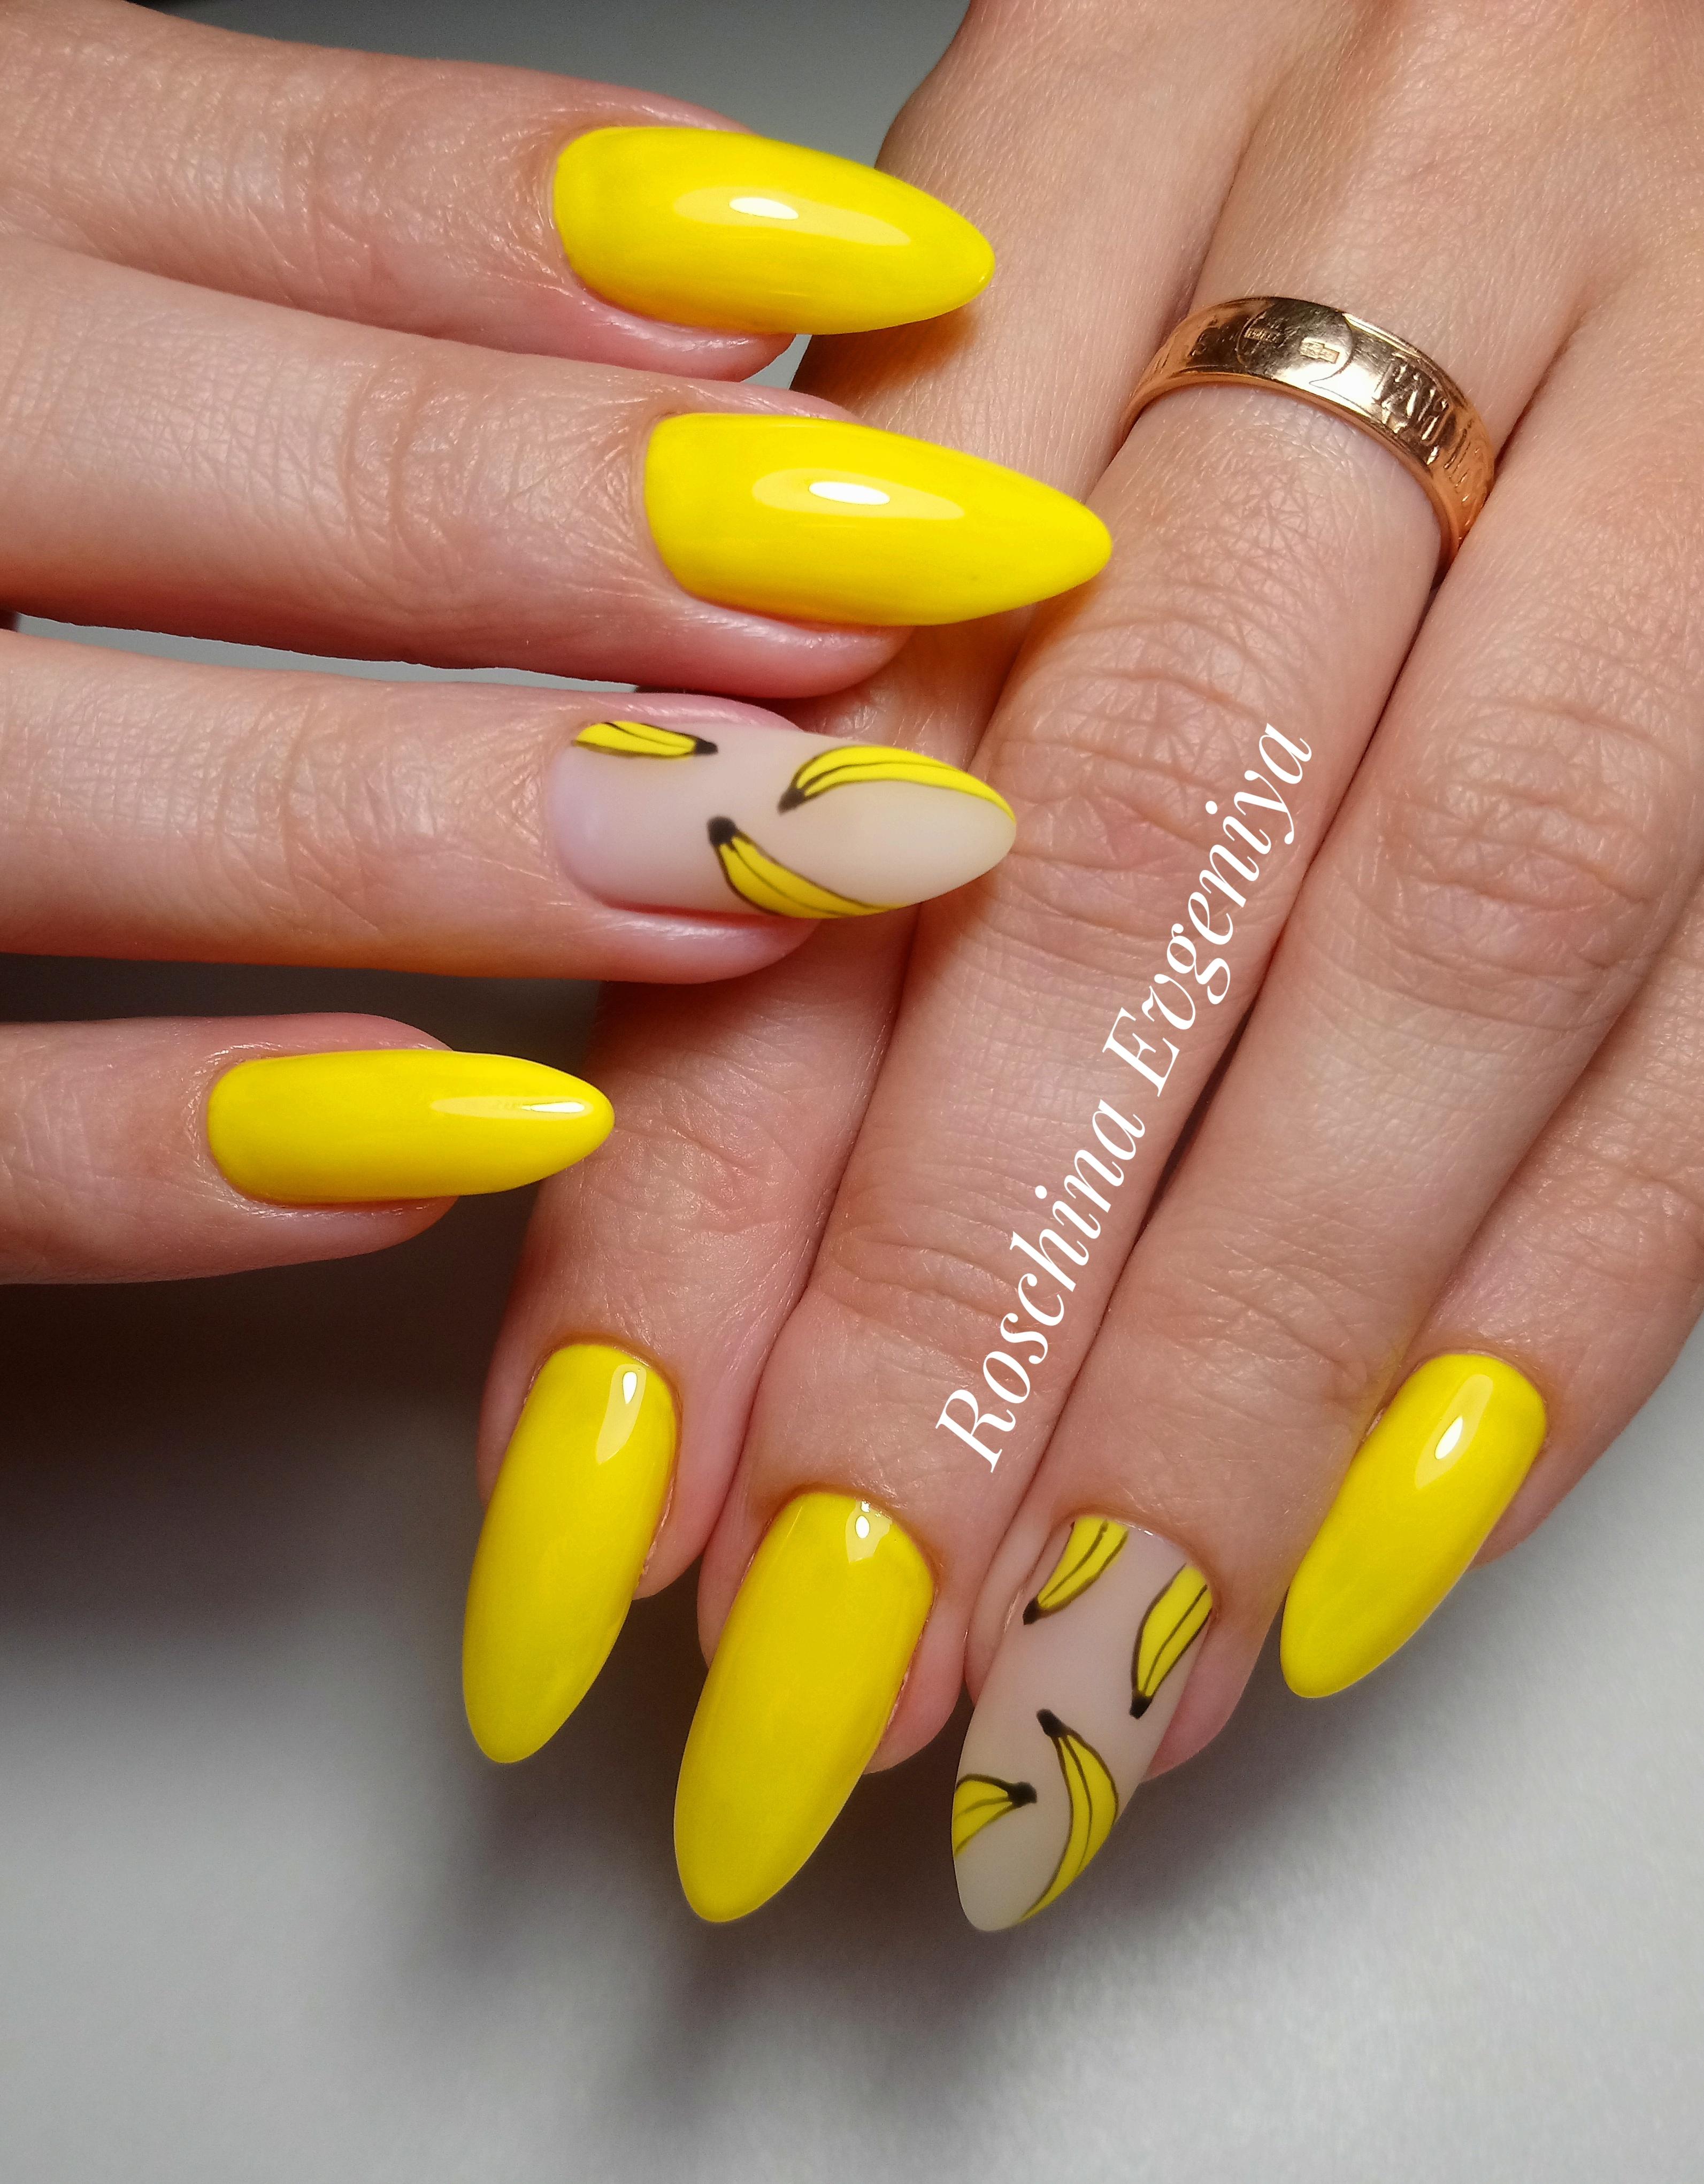 Маникюр с бананом в желтом цвете на длинные ногти.